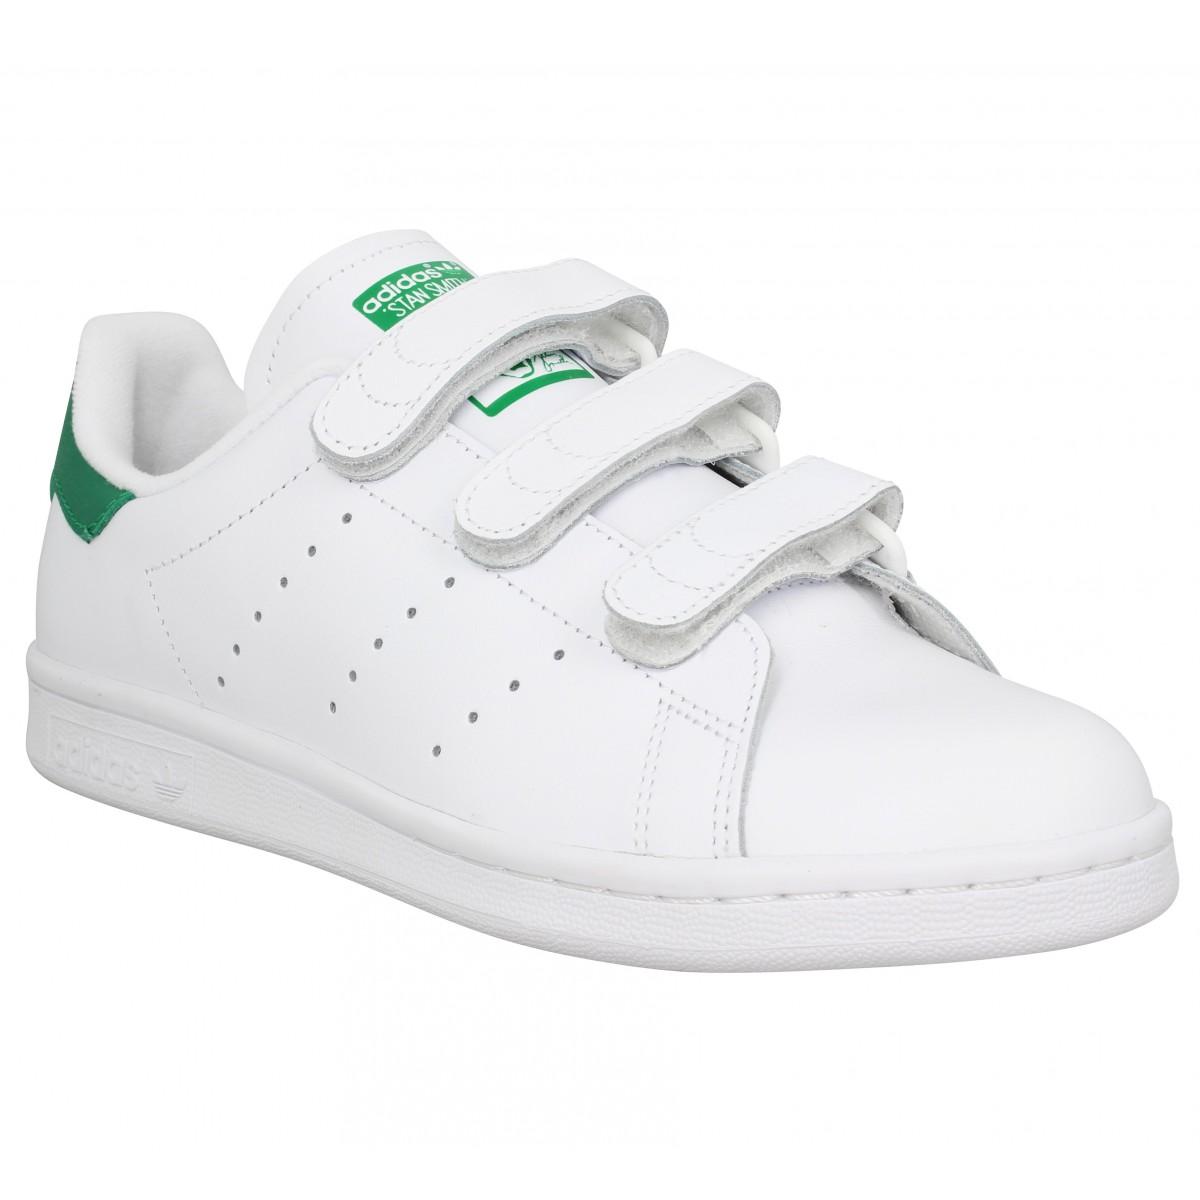 Adidas Femme Stan Smith Velcro Cuir -36...